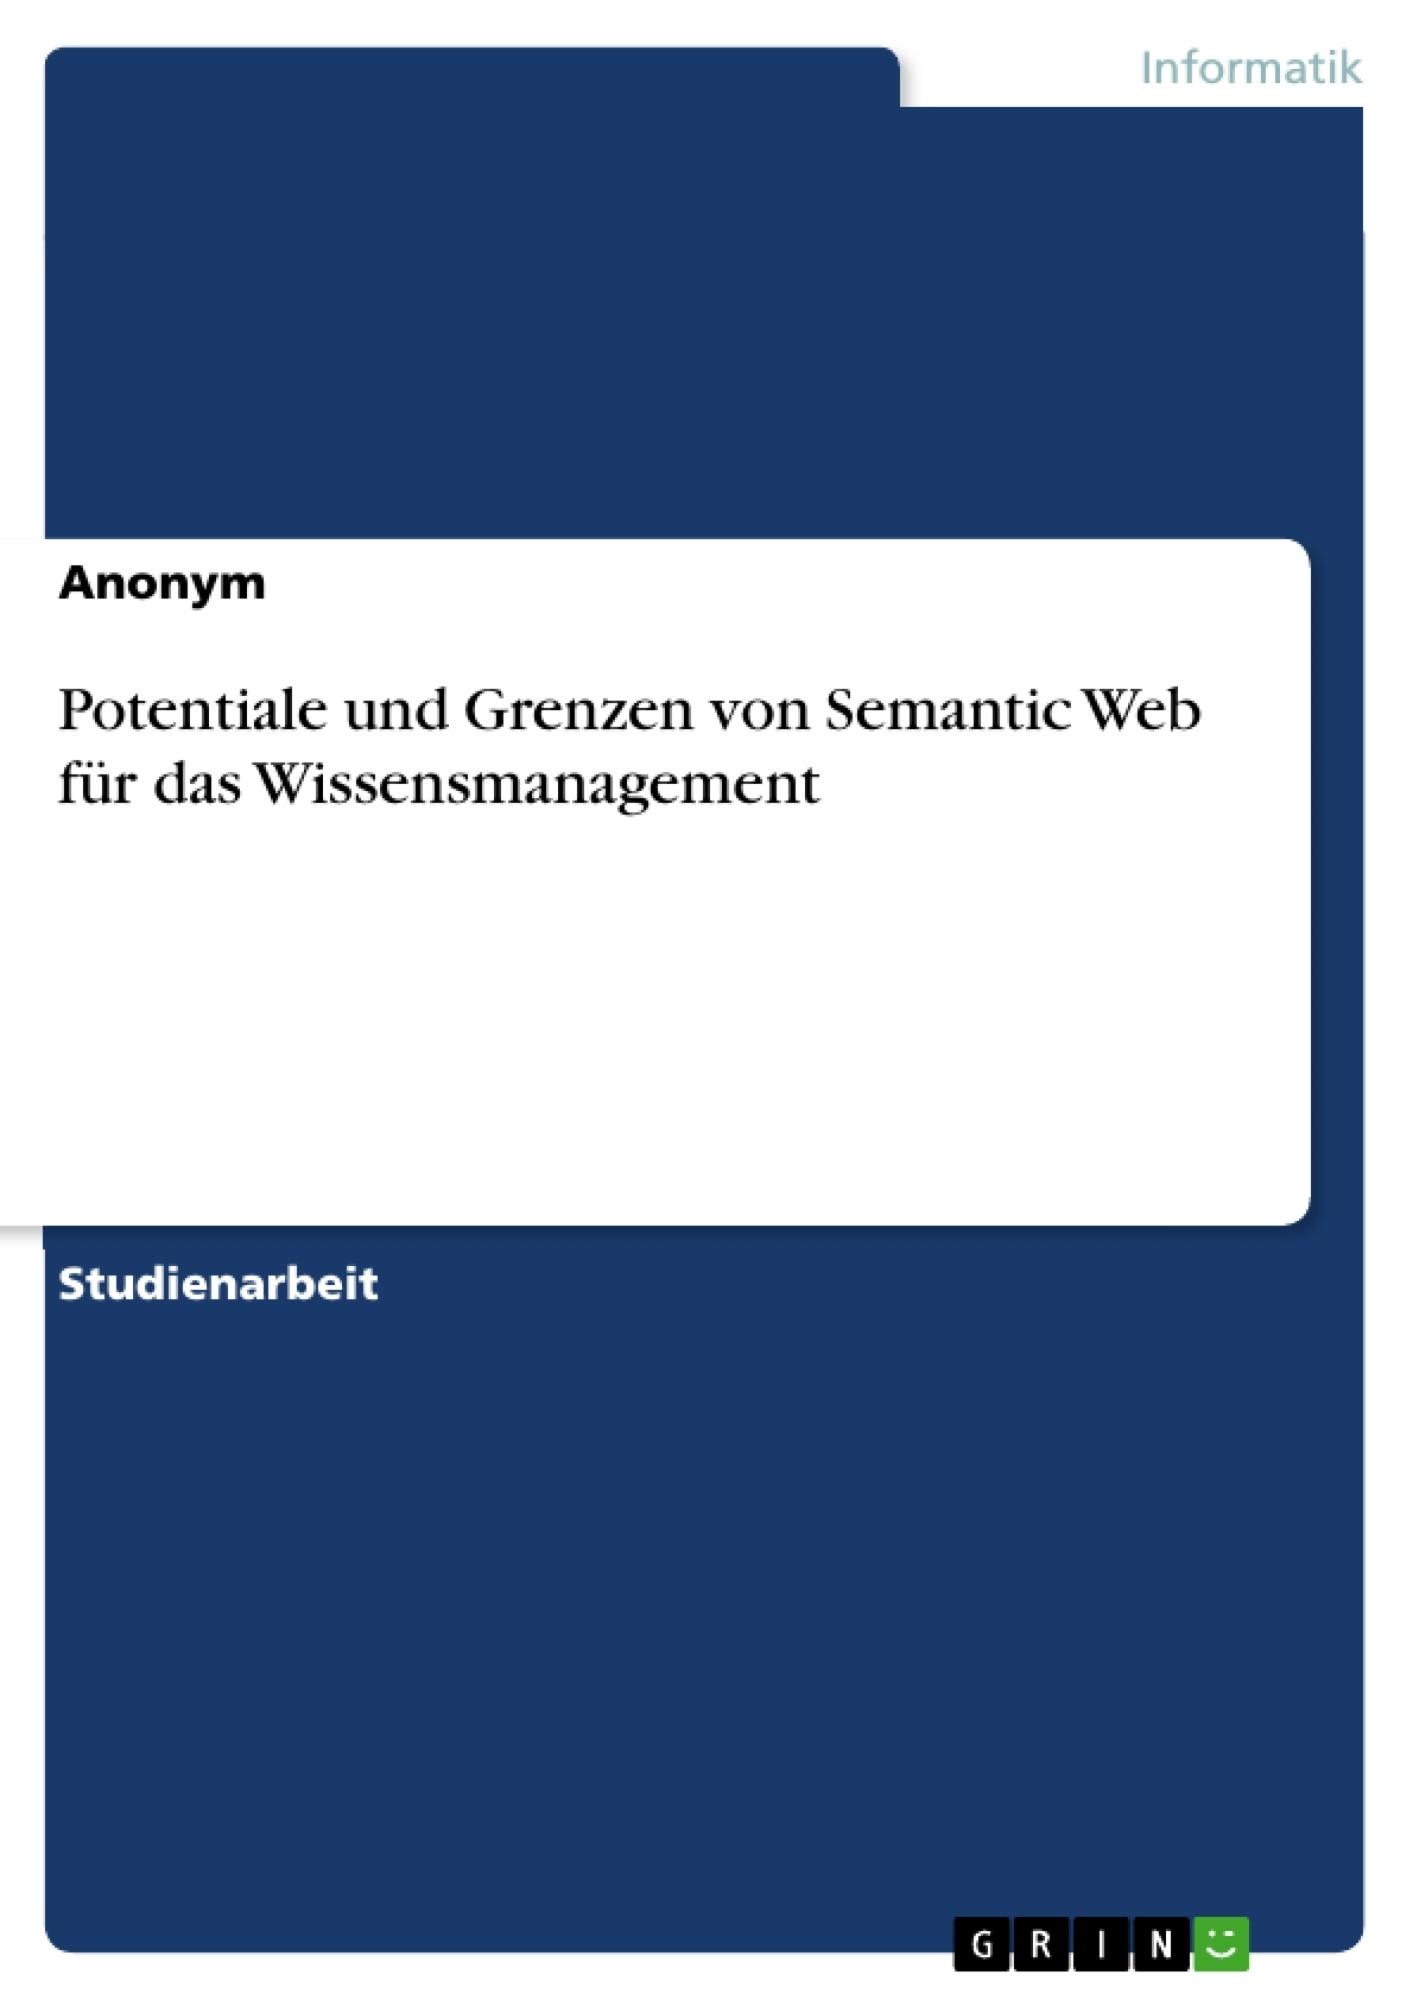 Titel: Potentiale und Grenzen von Semantic Web für das Wissensmanagement